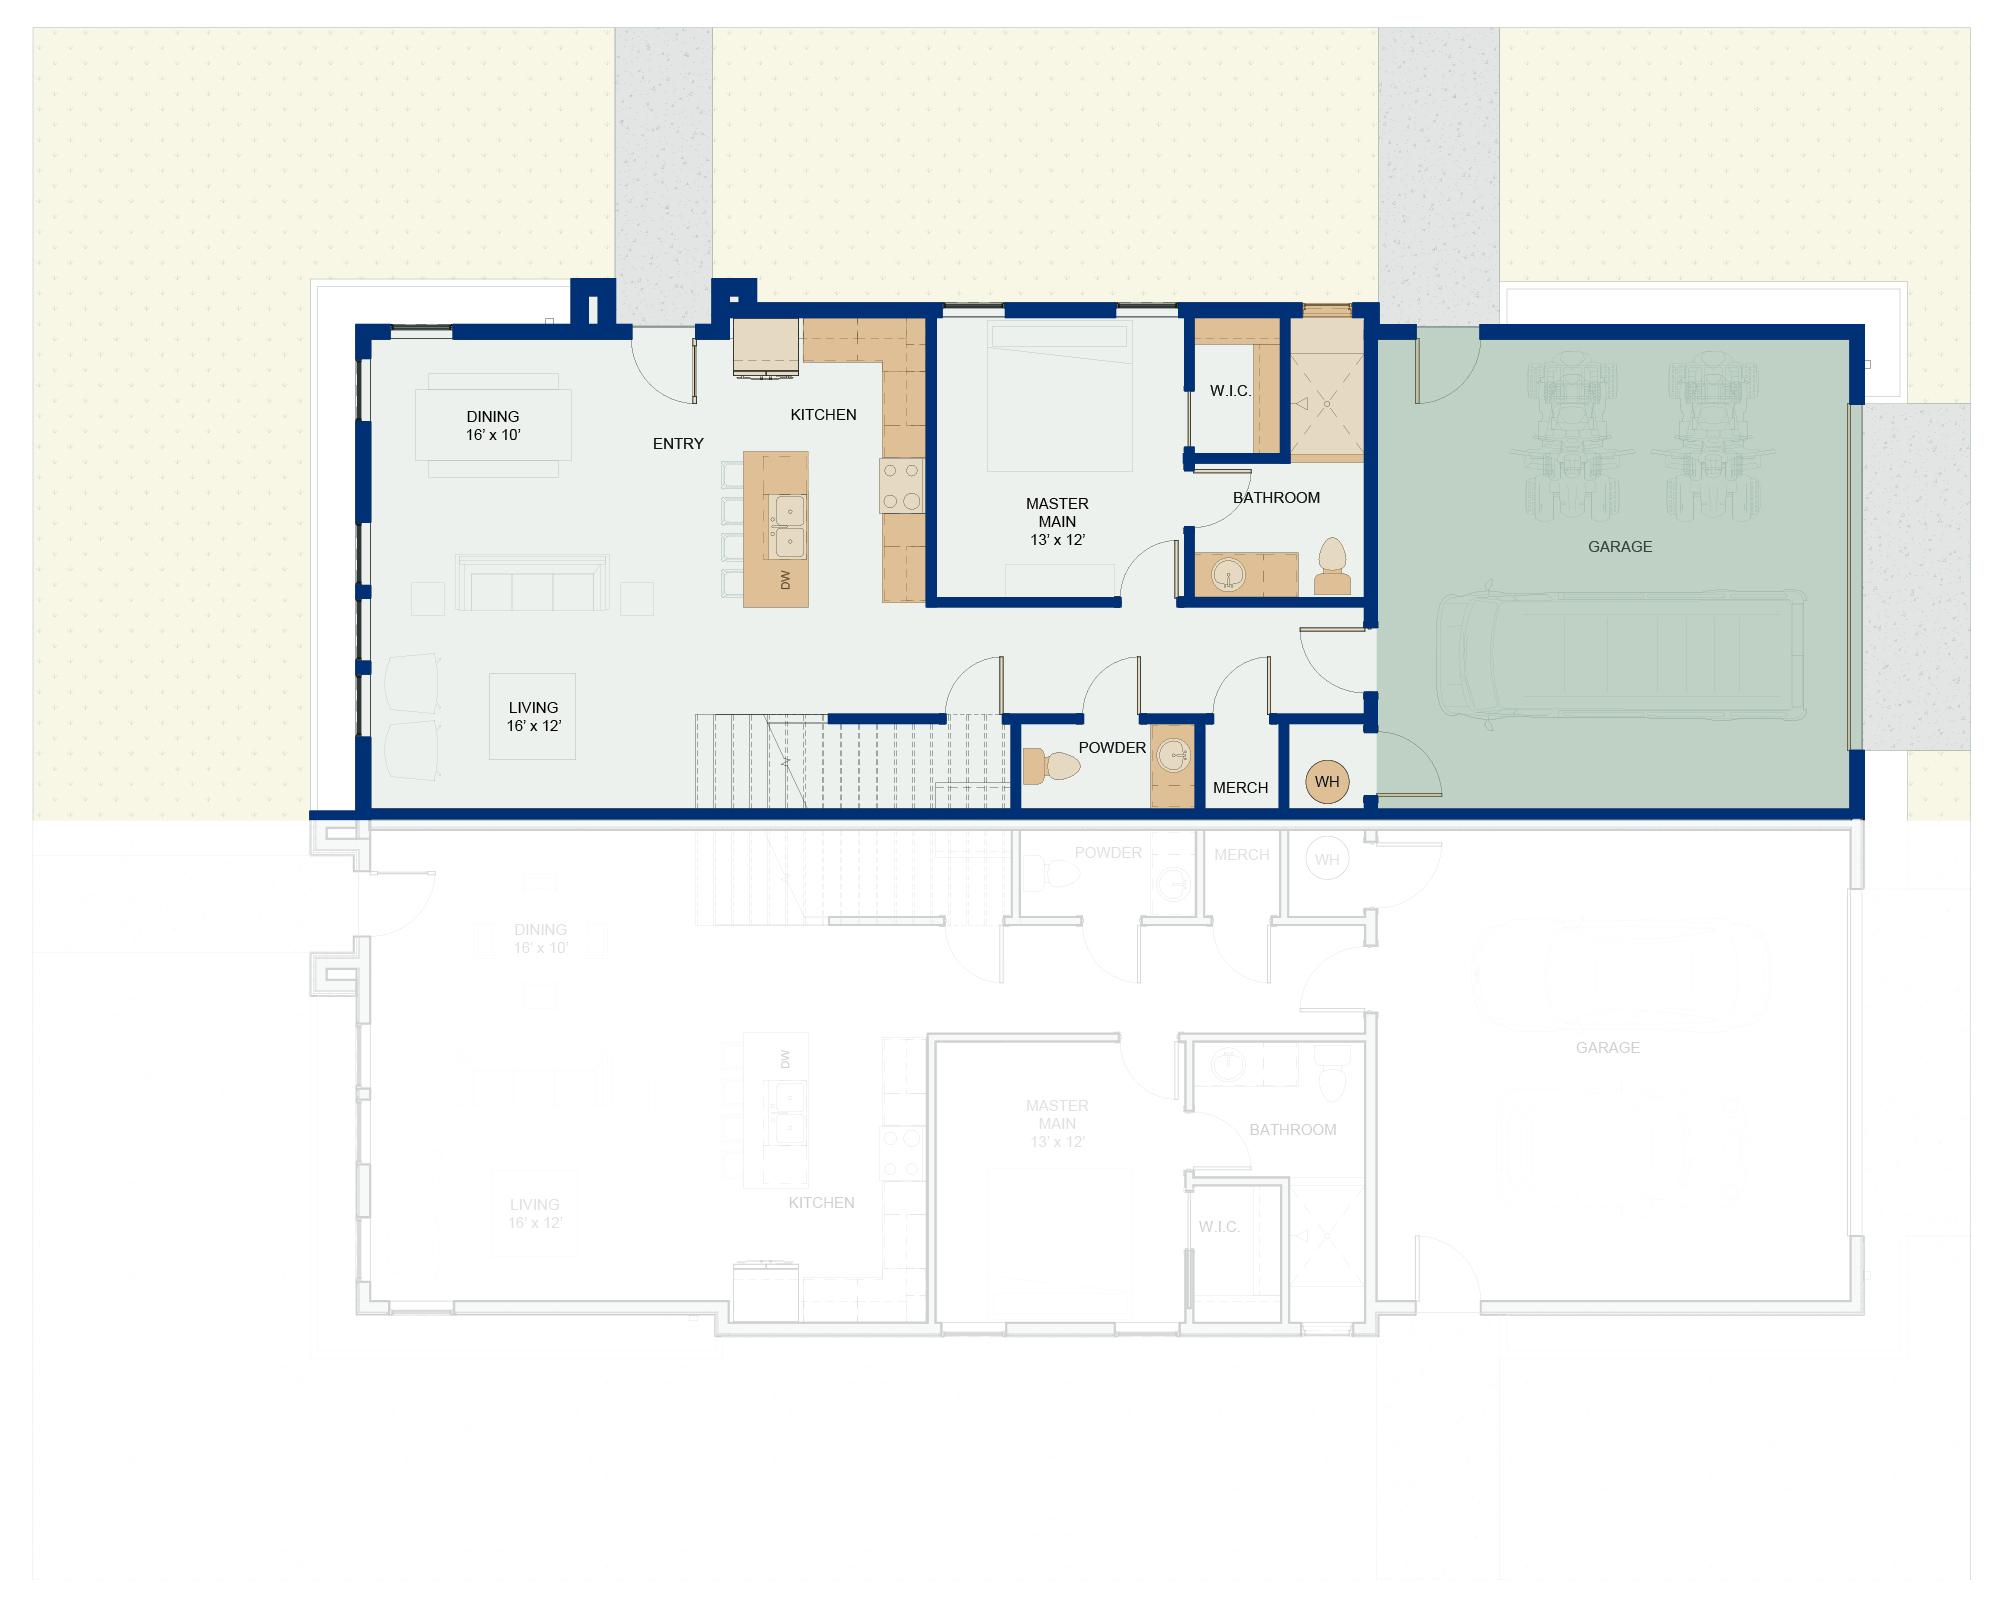 bloomington-villa-floor-plans-condos-March2019-town1-main-web.jpg